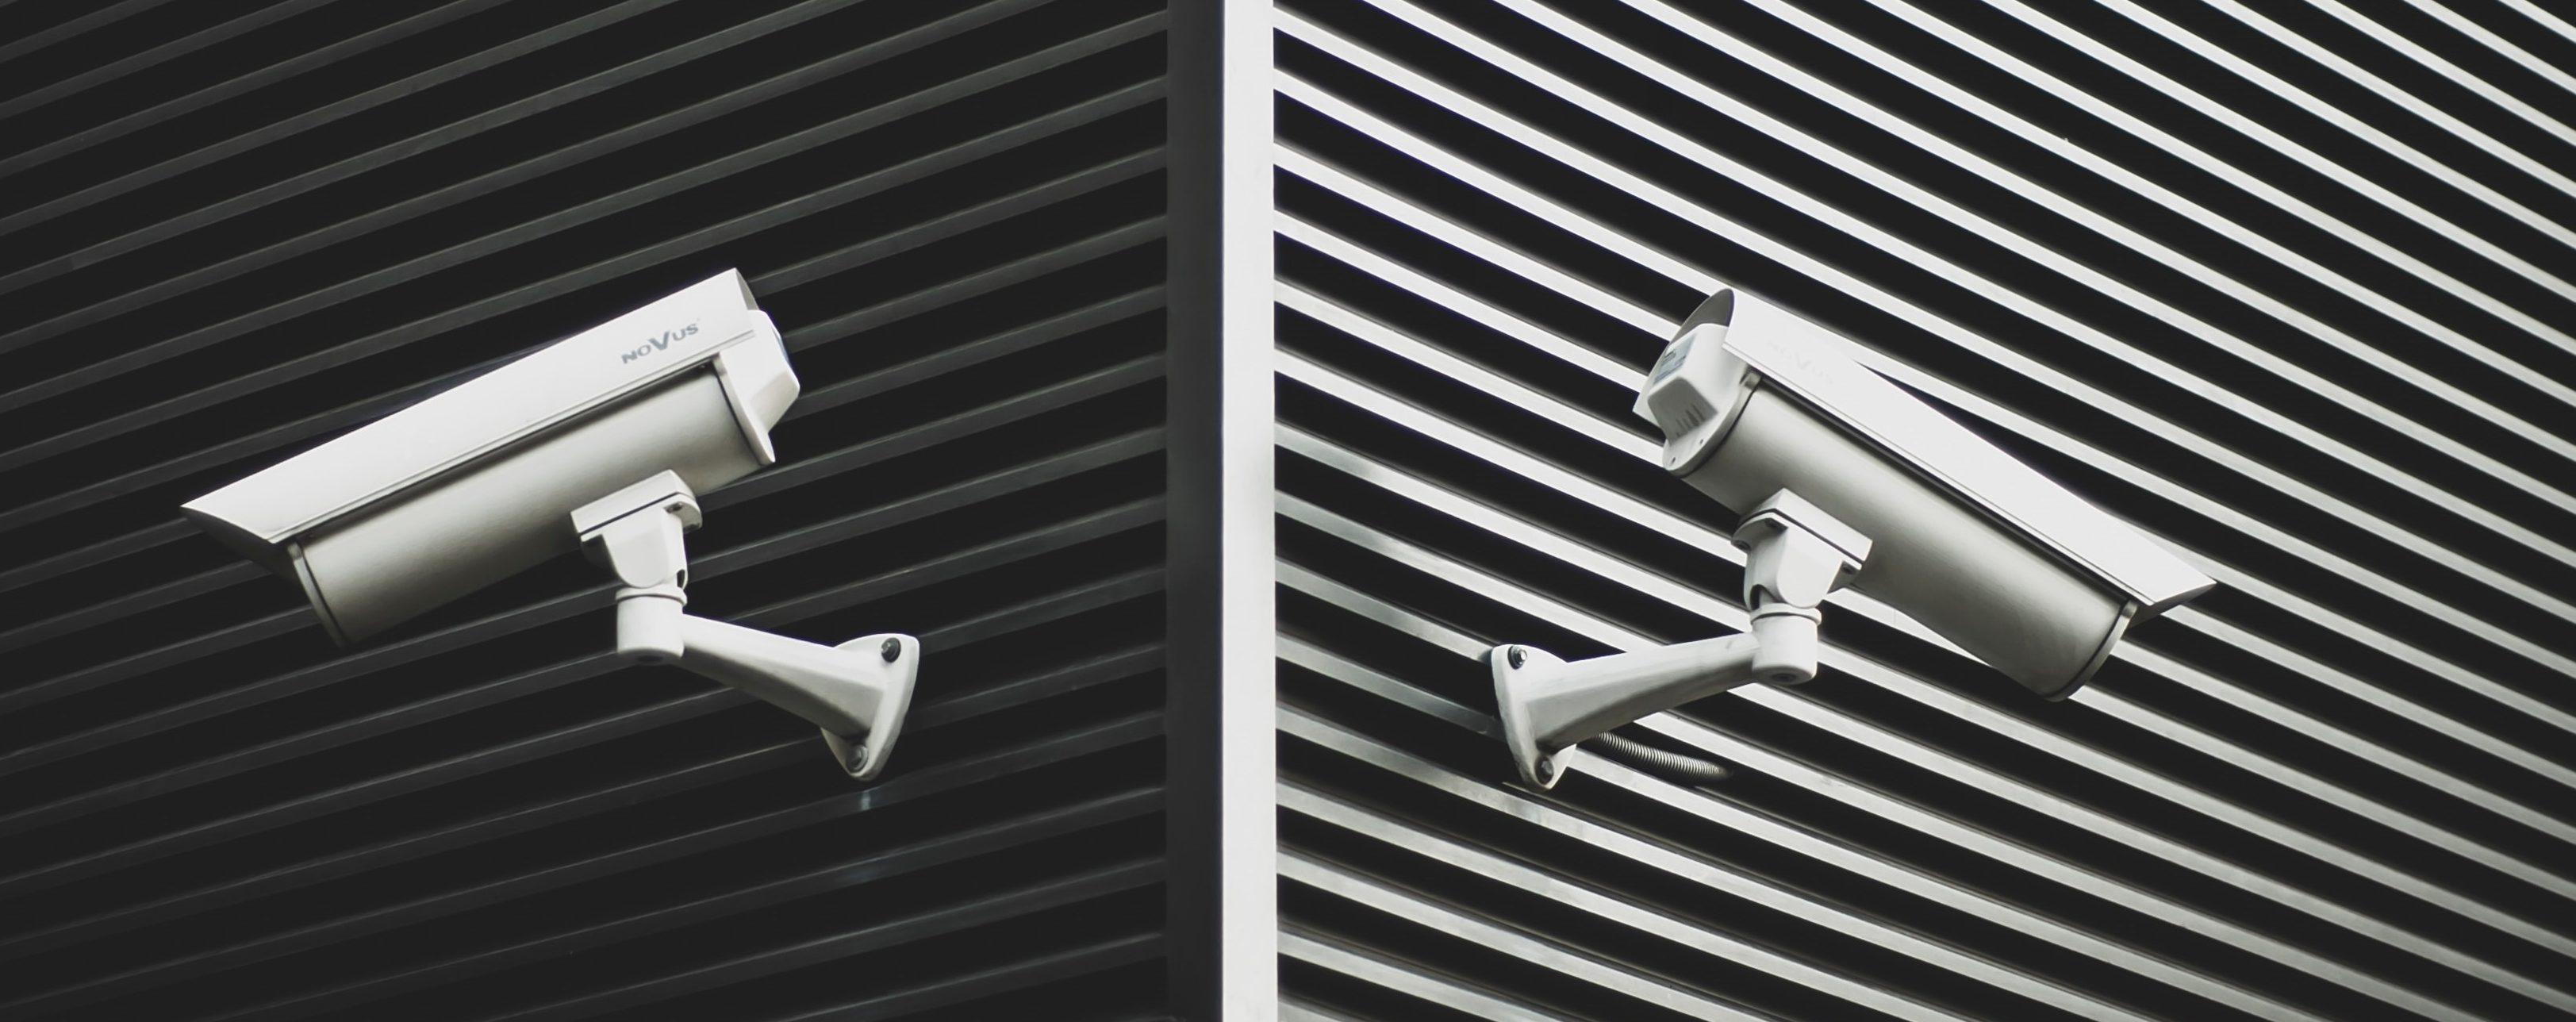 CCTV cameras on building